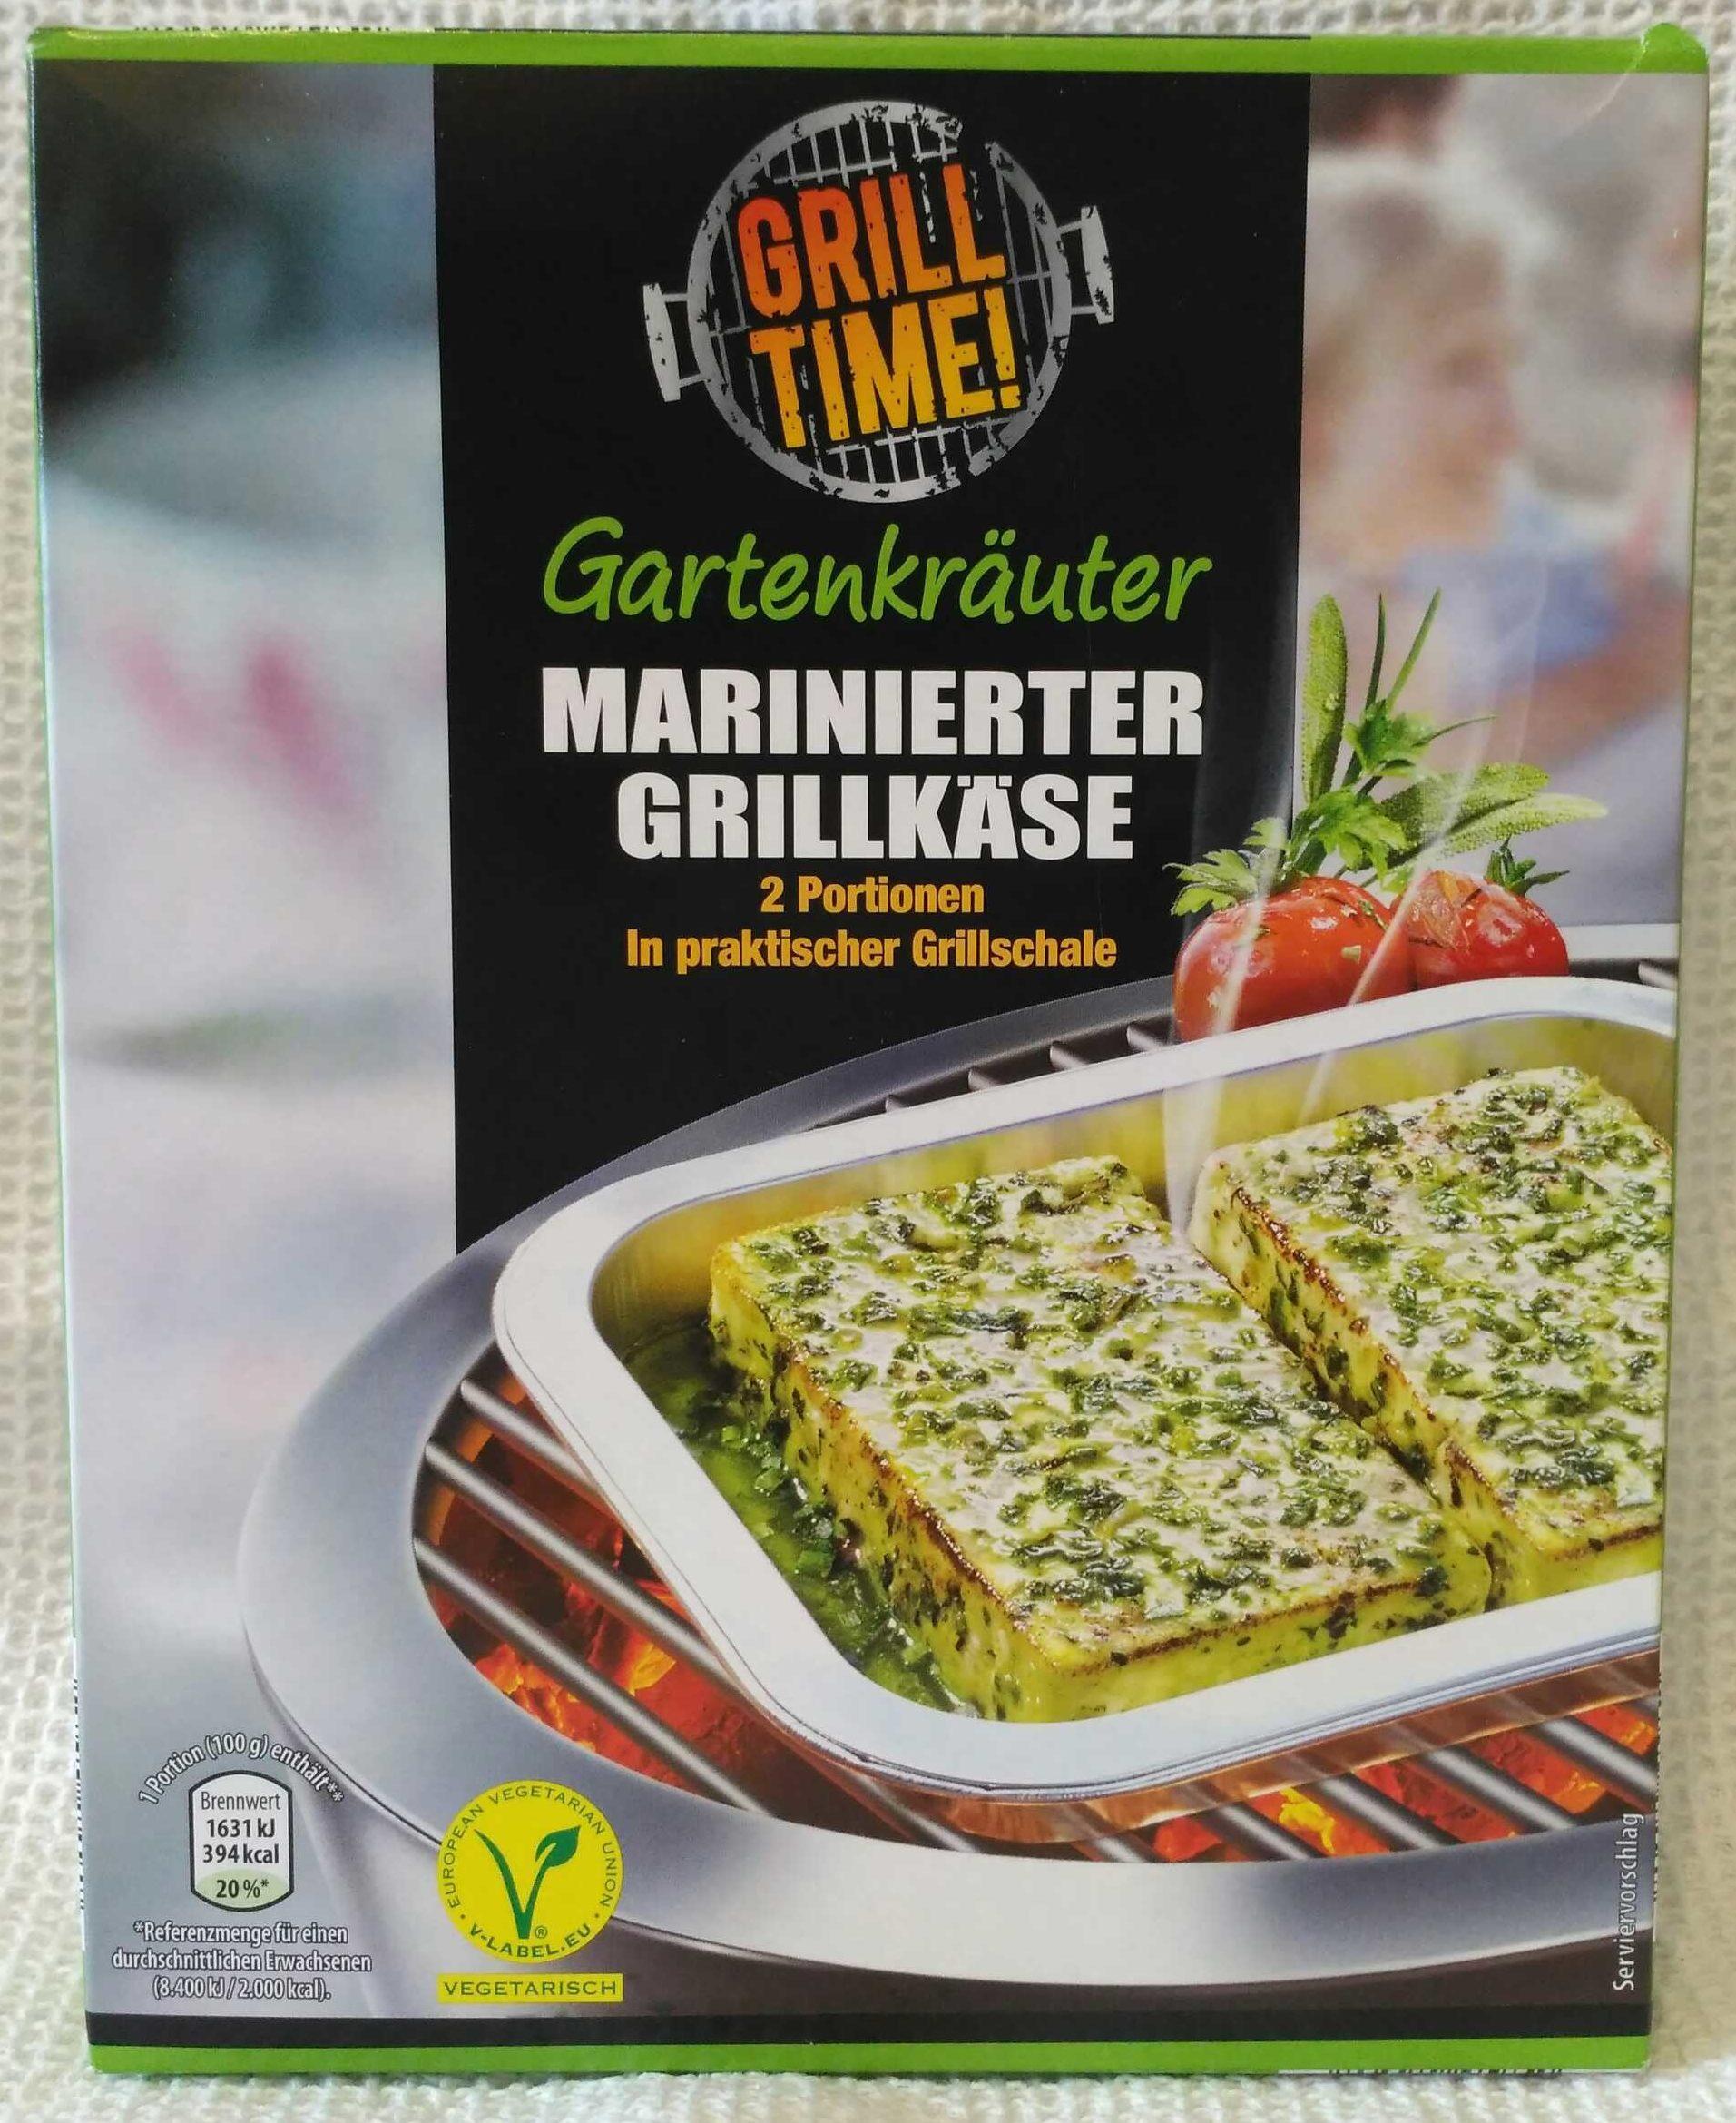 Gartenkräuter marinierter Grillkäse - Produkt